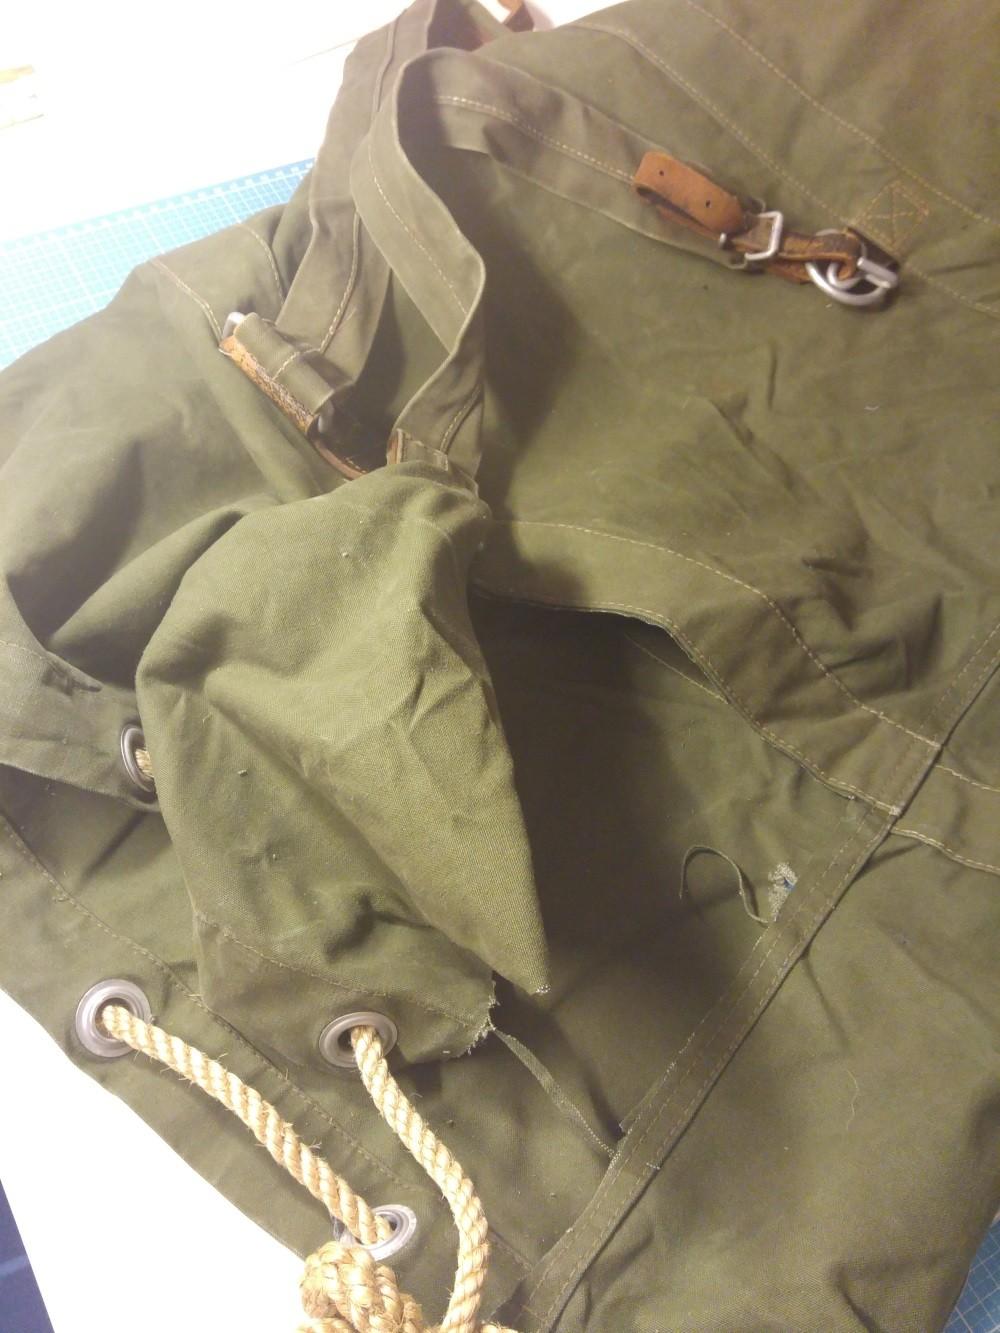 Der feste Stoff von einem Bundeswehr-Seesack ist praktisch zum Nähen von Taschen